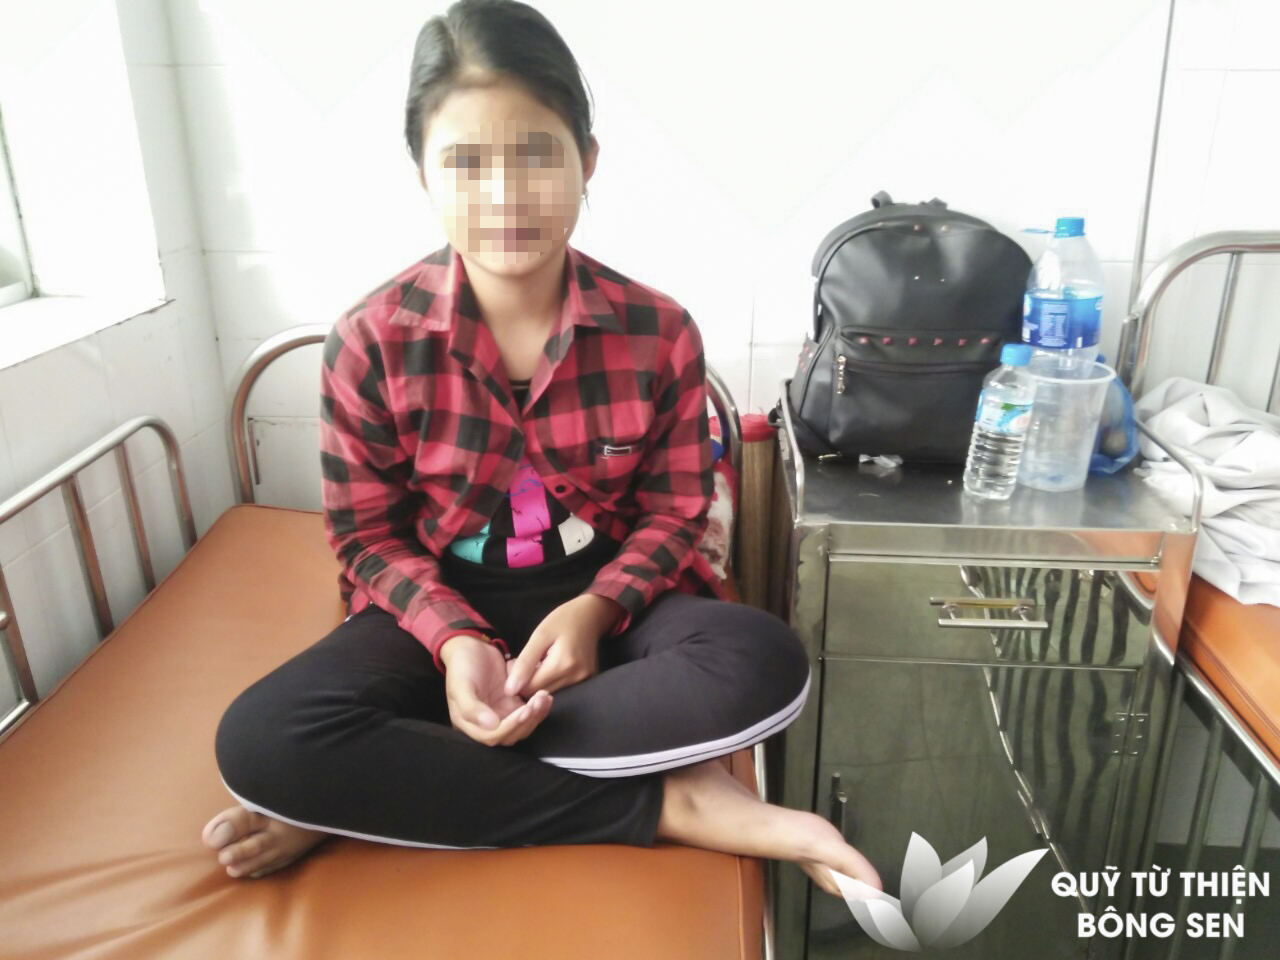 Kỳ 399: Phúa Thị Lài (sinh năm 2005) quê Sóc Trăng, tim bẩm sinh, hỗ trợ 17 triệu đồng ngày 02/01/2019